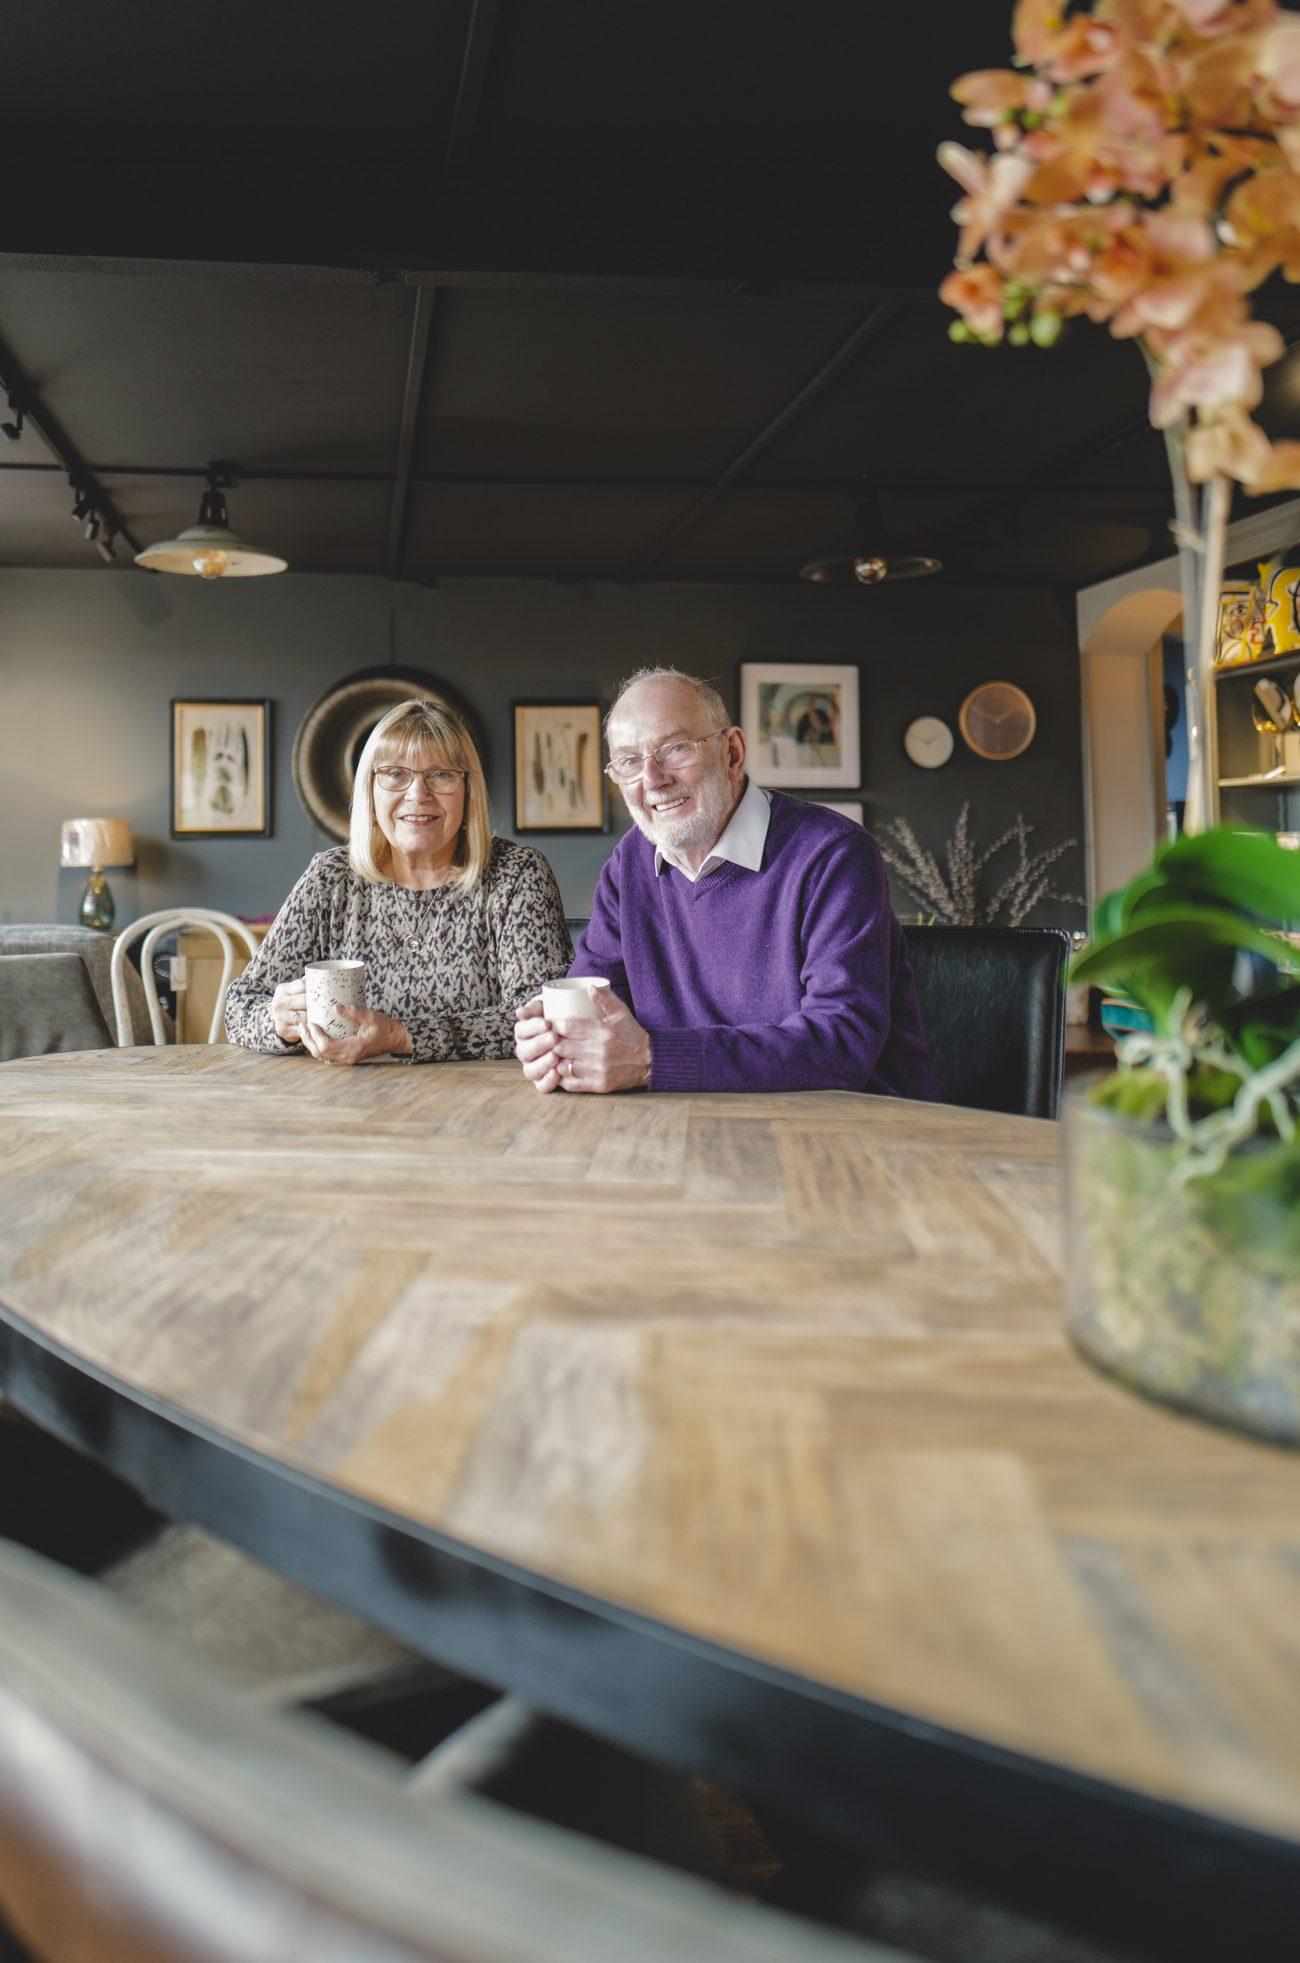 Linda & Vernon Wragg